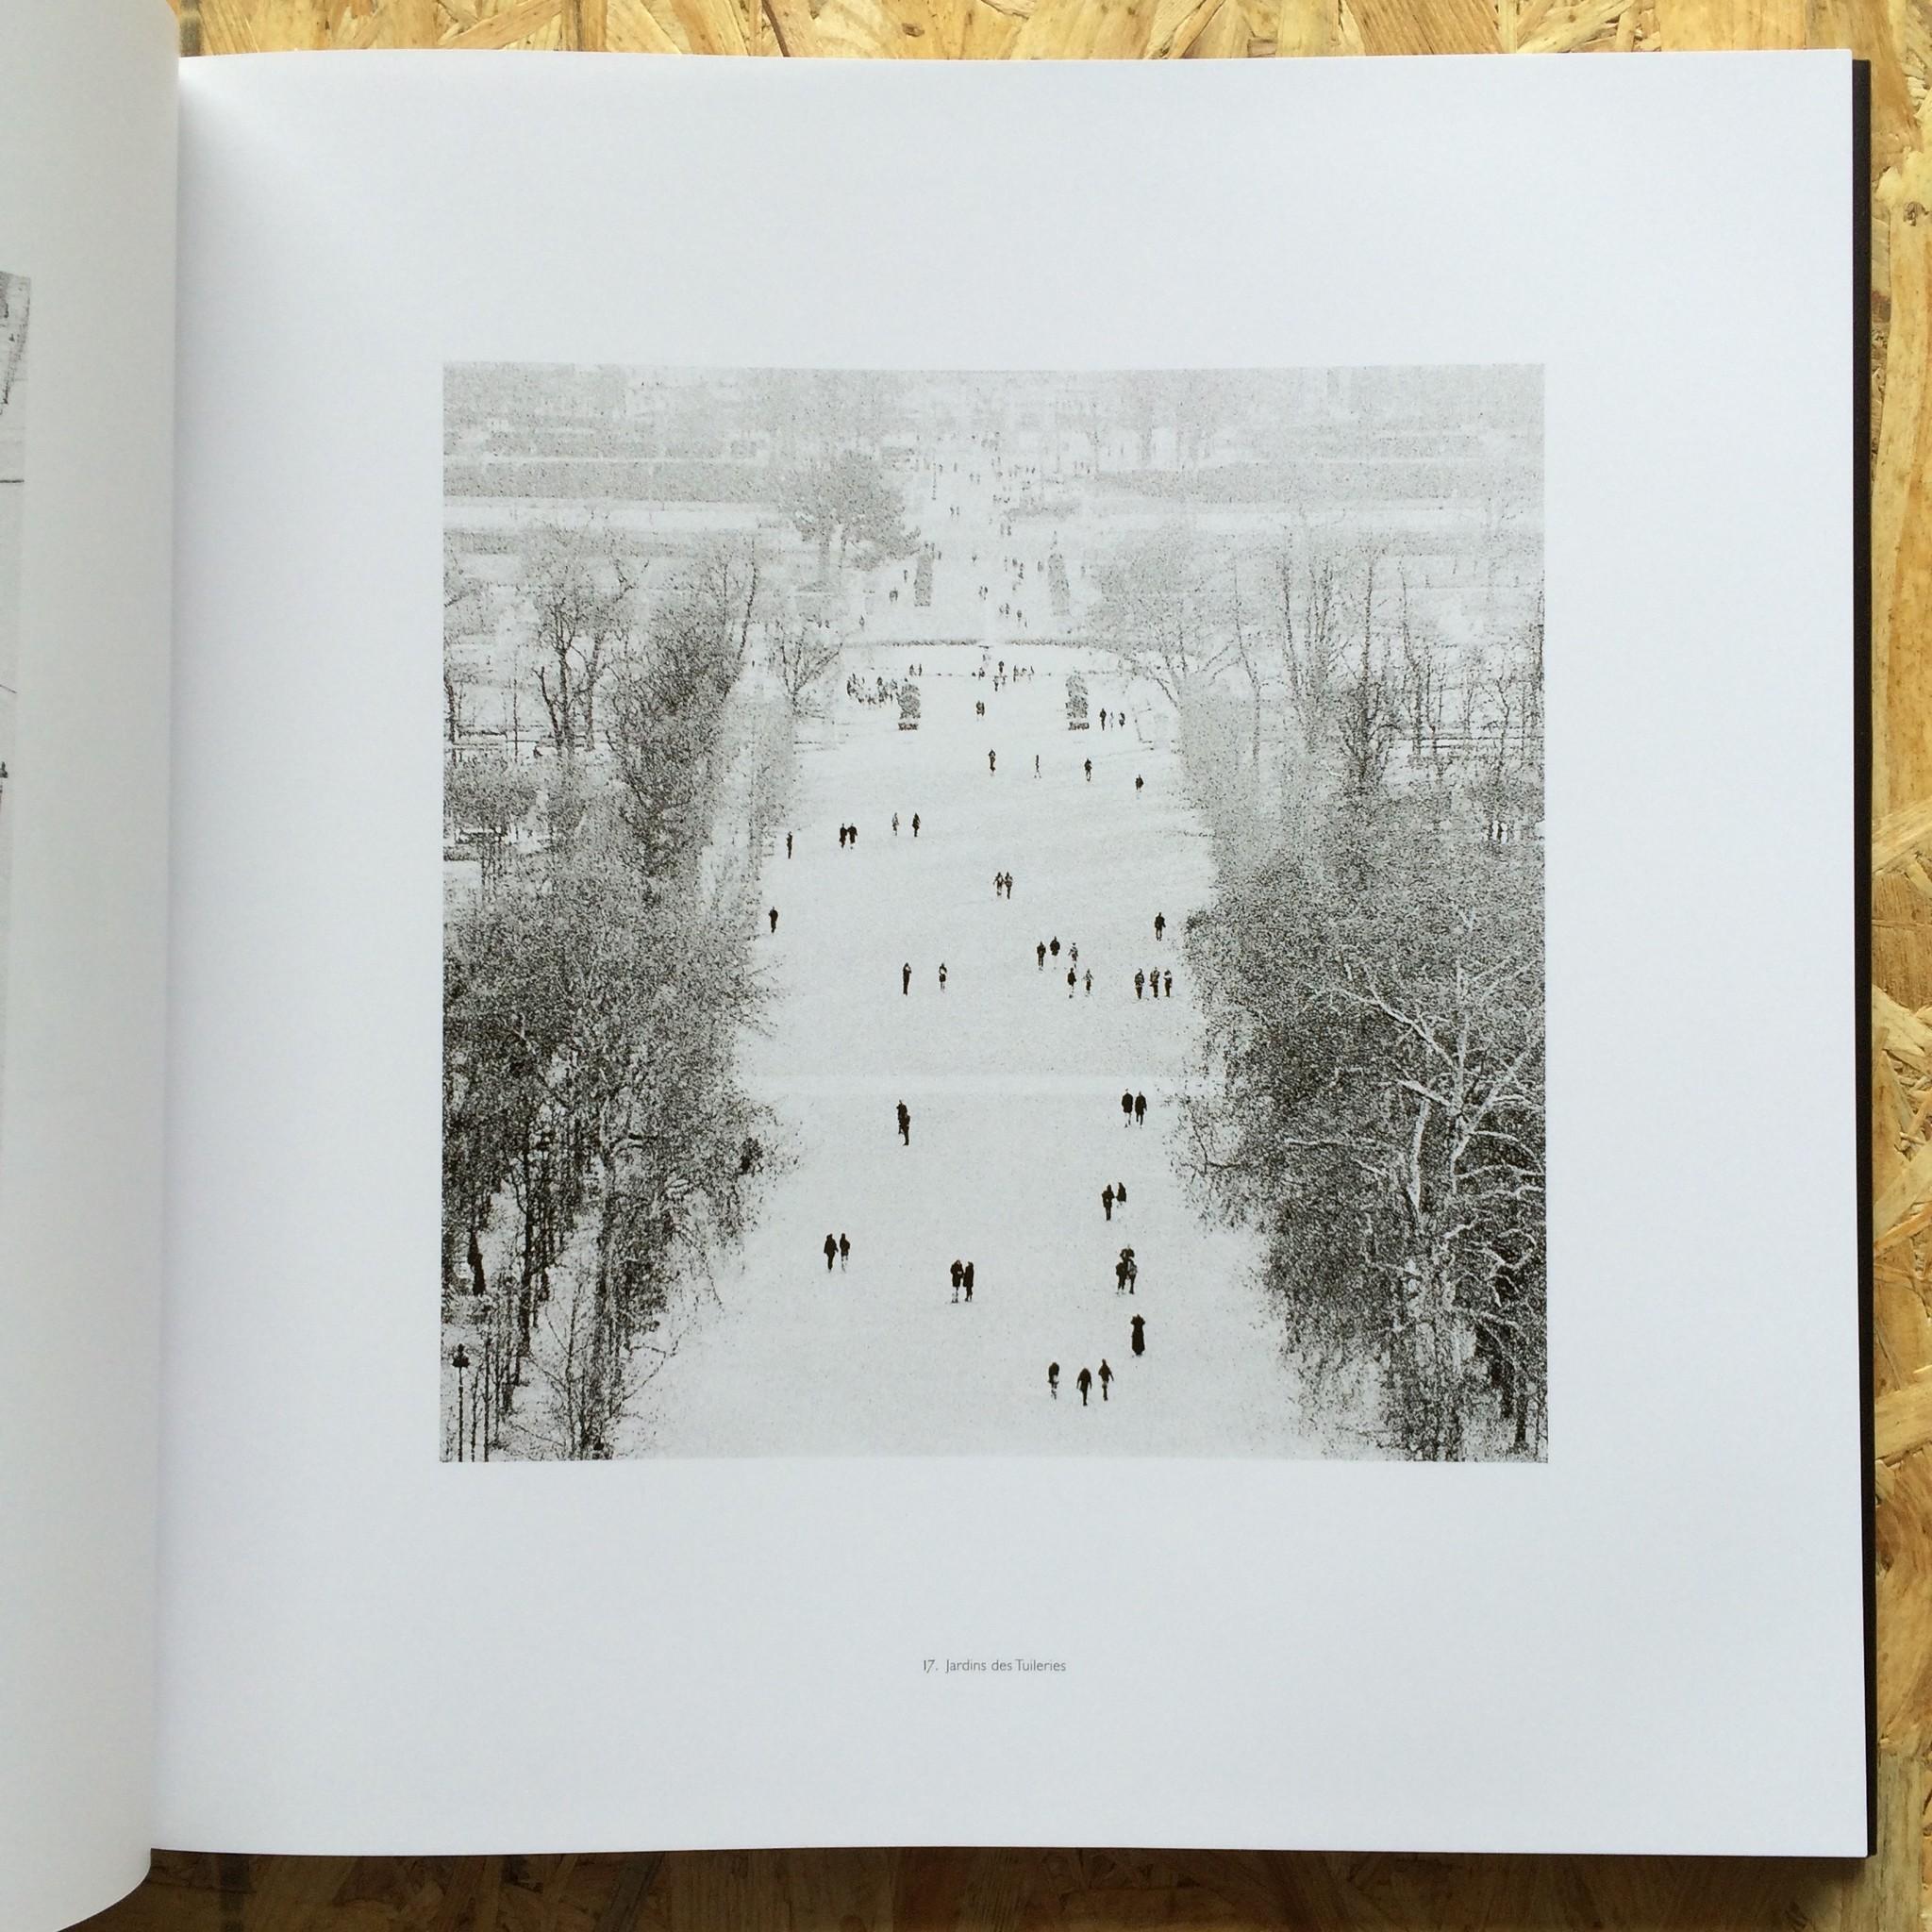 鳥になってパリの街を飛んでみたいと思いませんか?そんな素敵な写真集。